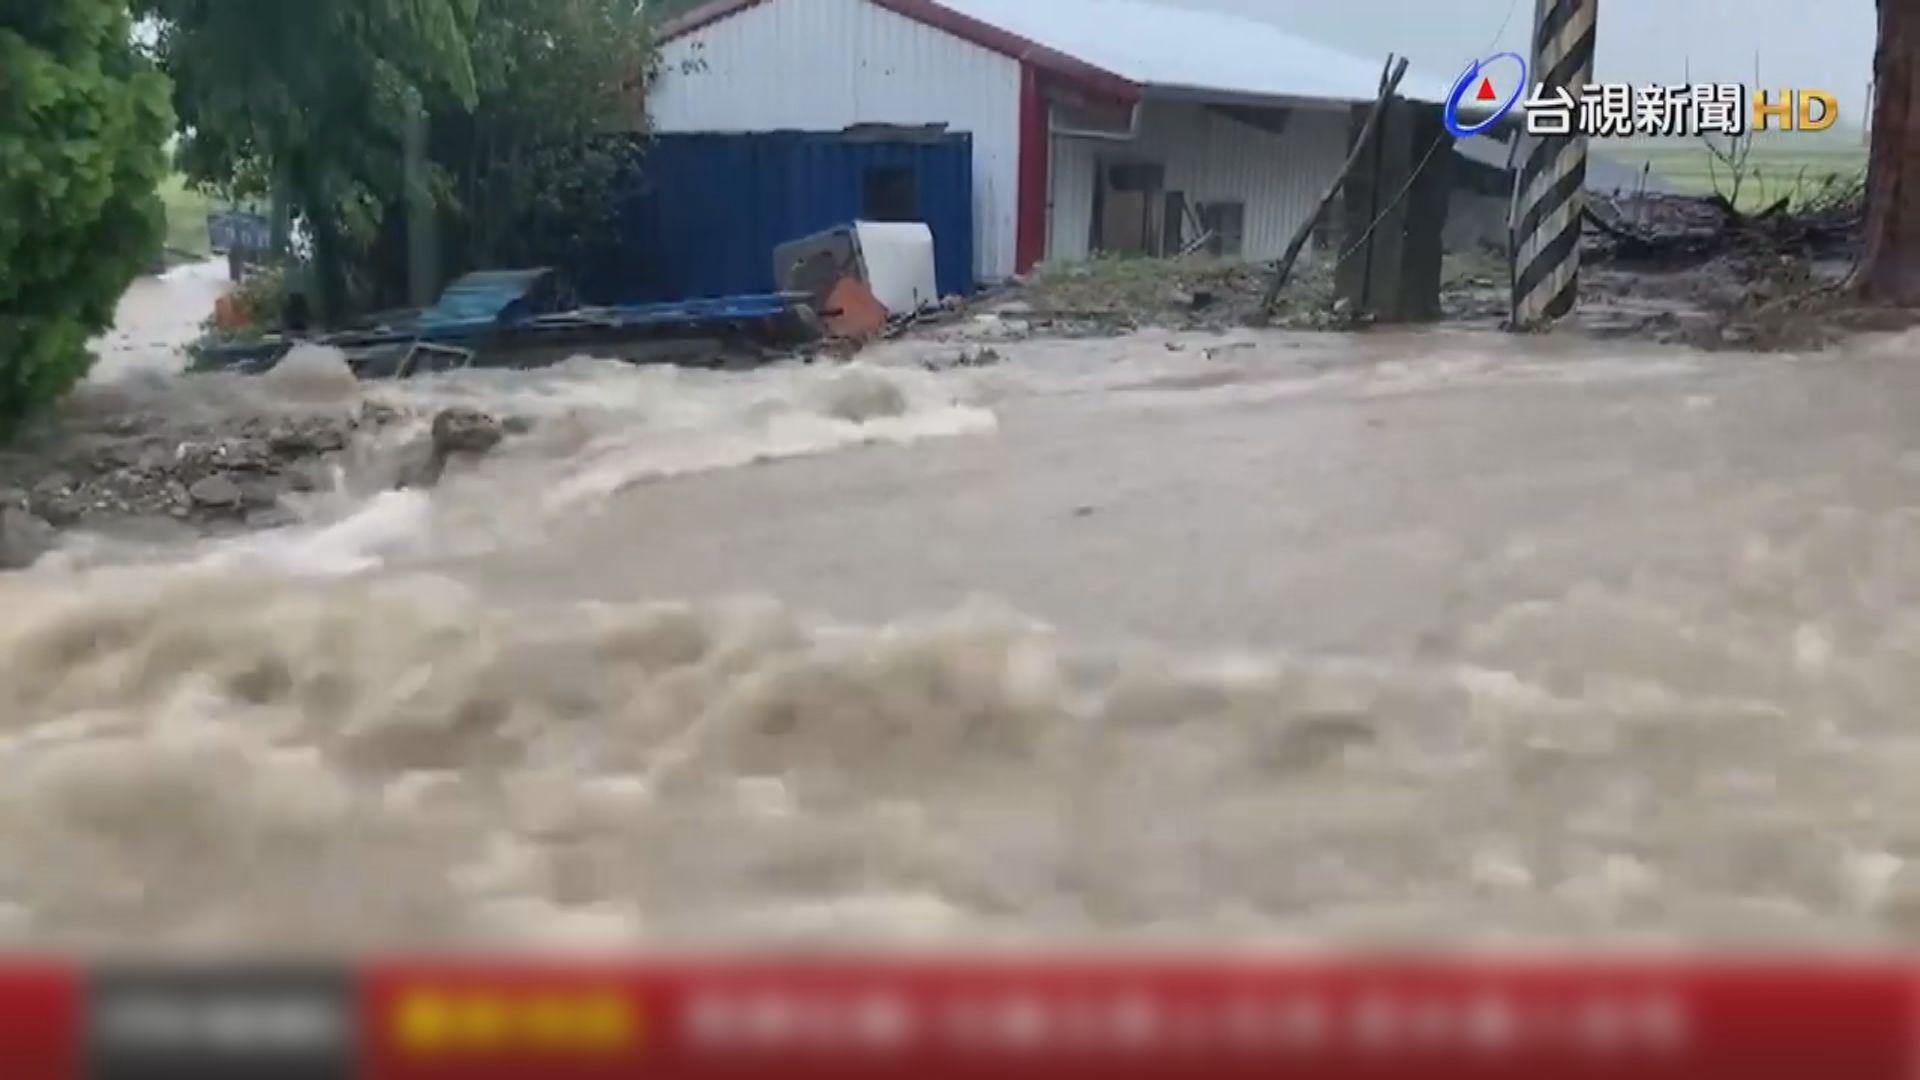 花蓮及台東大雨 居民撤離免受泥石流威脅